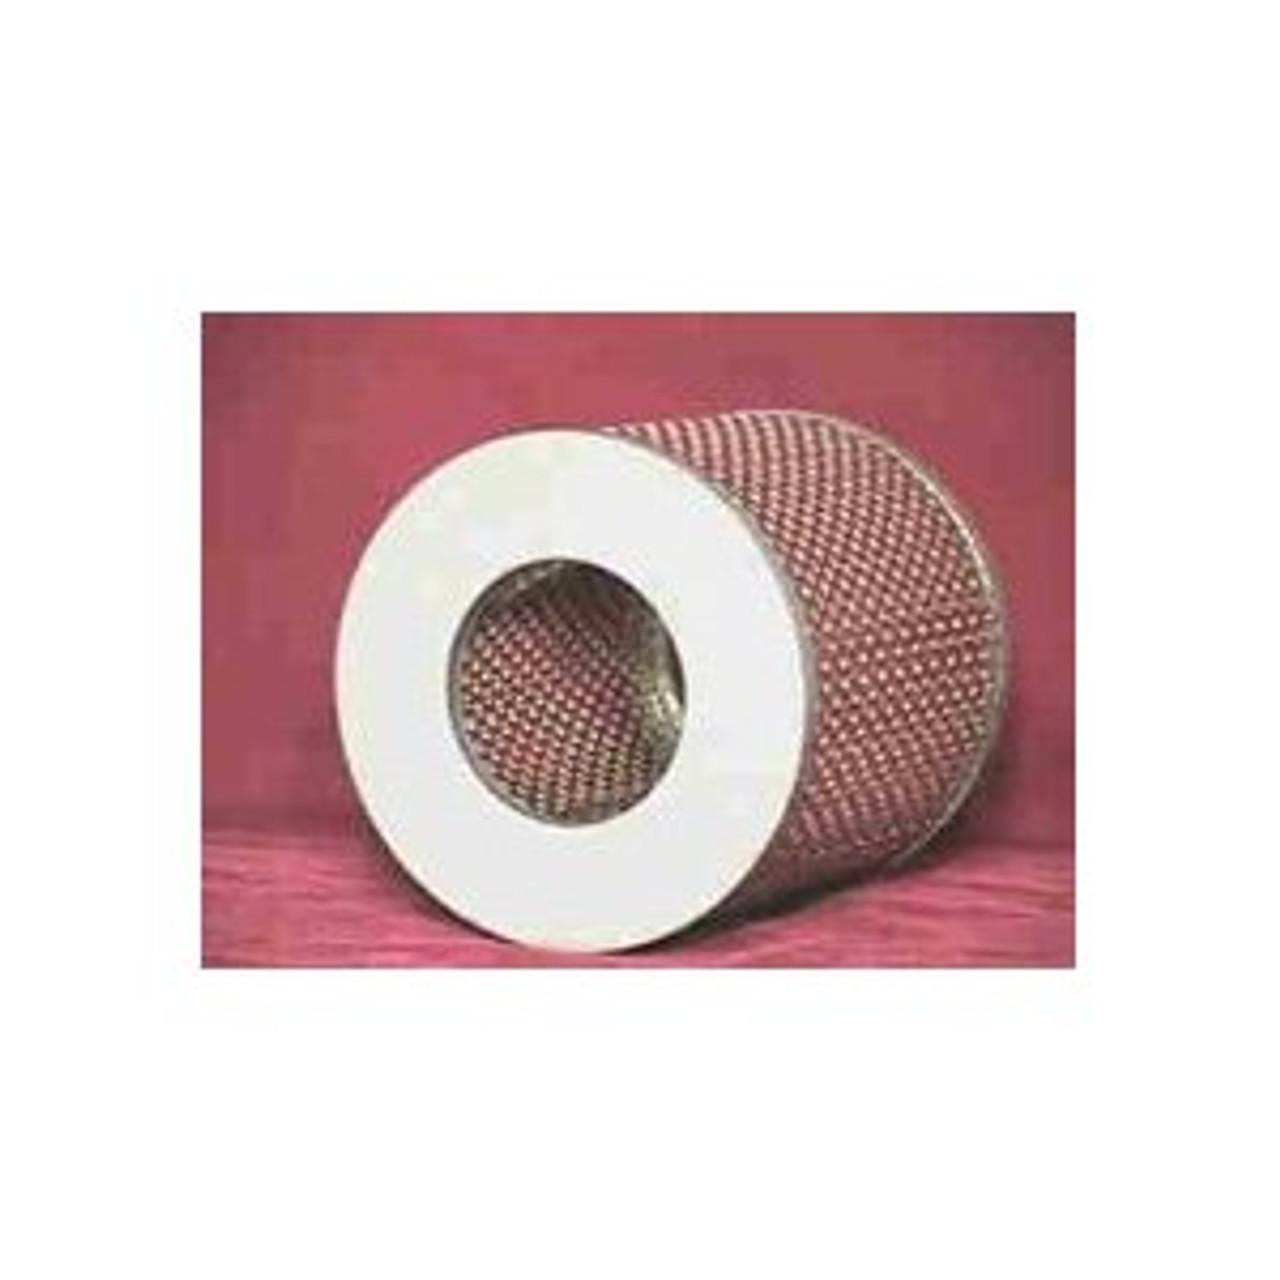 Filter Element Replacement INC 53200300 BUSCH